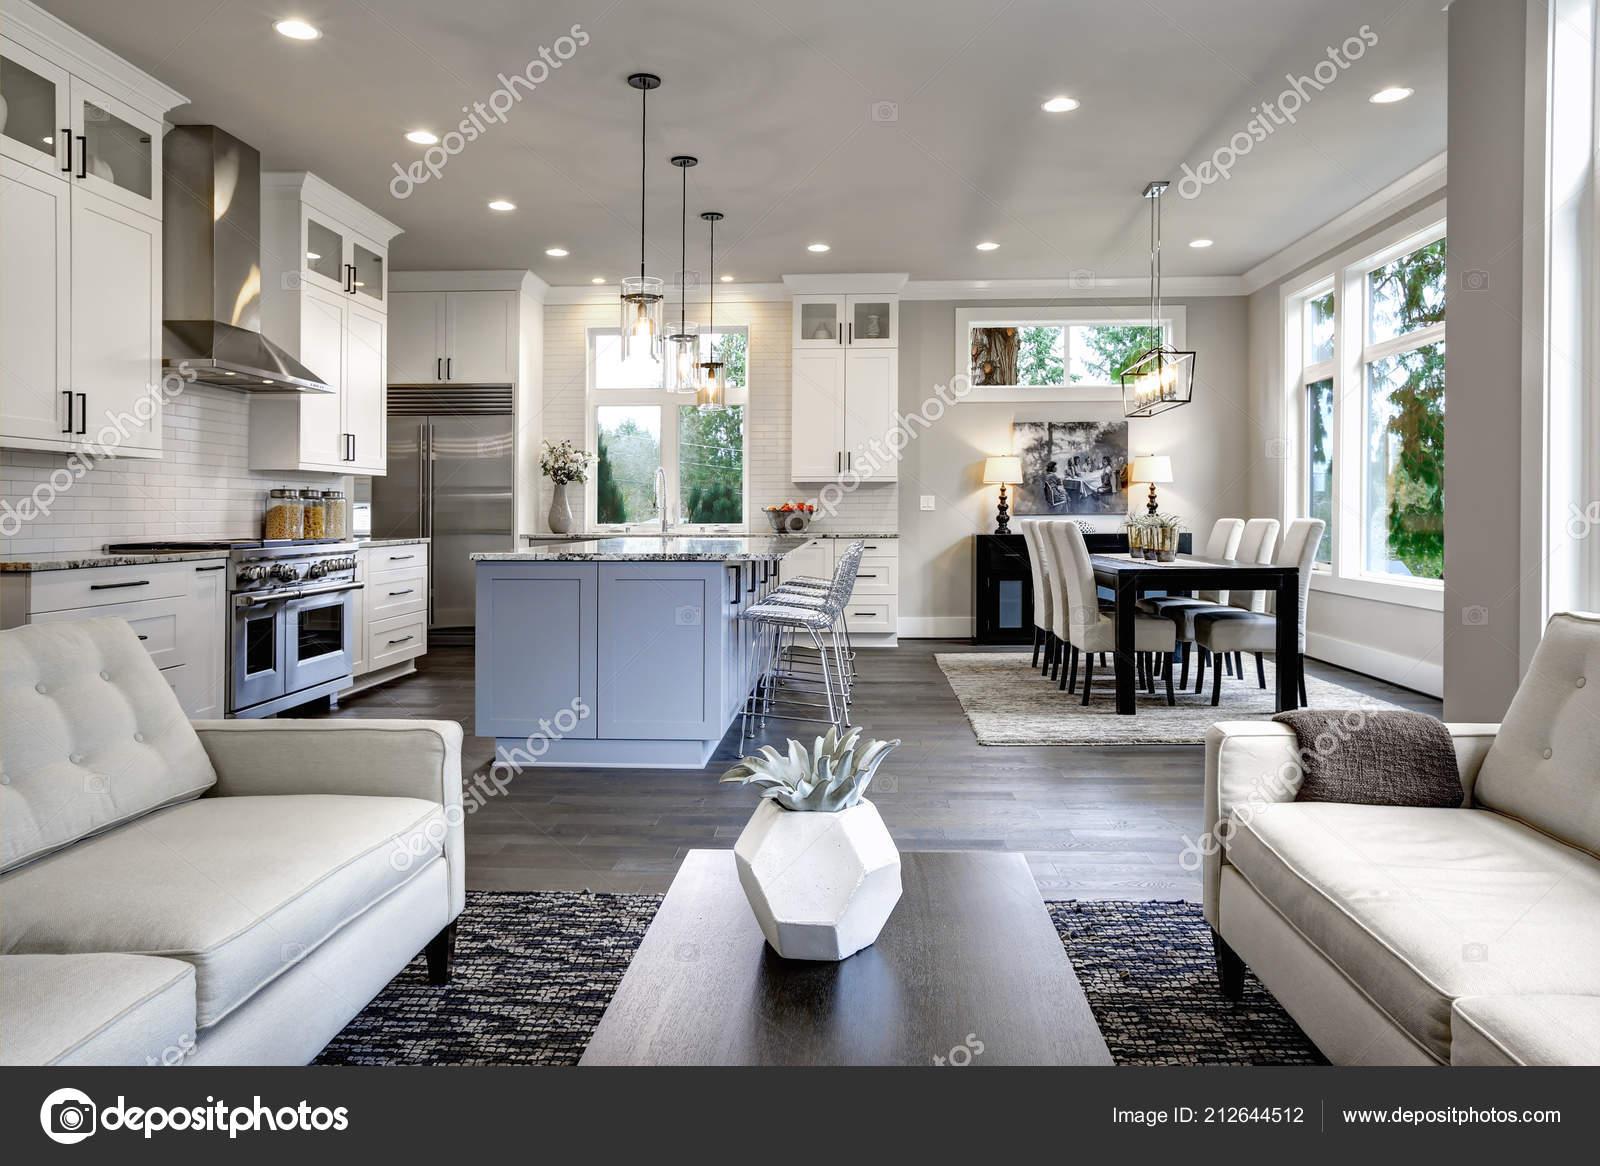 Große Moderne Luxus Wohnzimmer Interieur Bellevue Nach